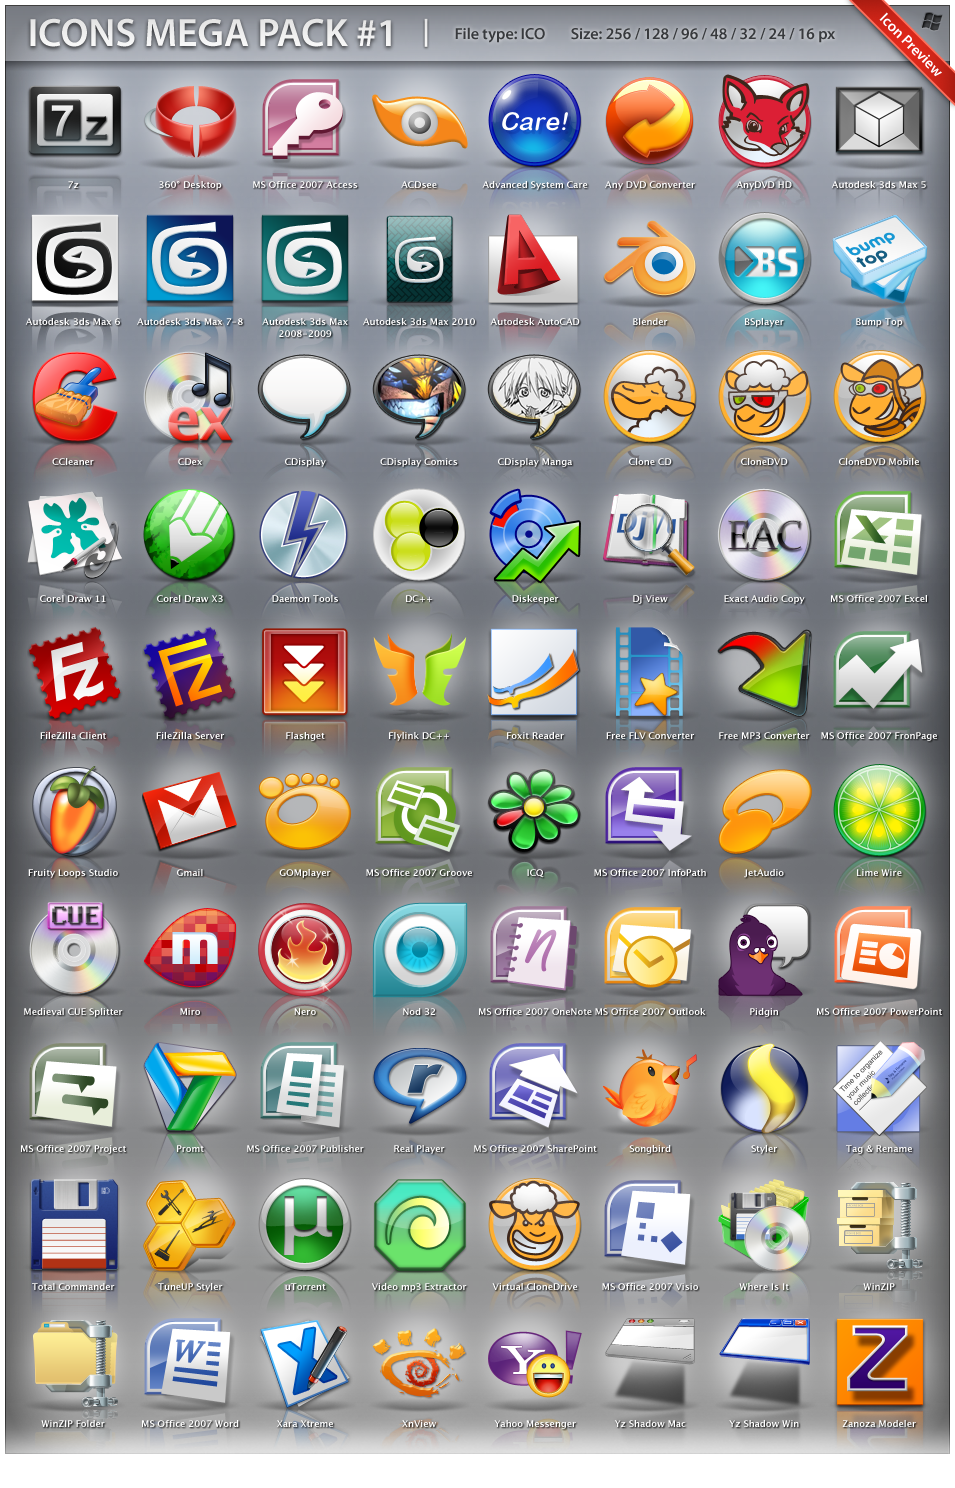 бесплатная программа для иконок: